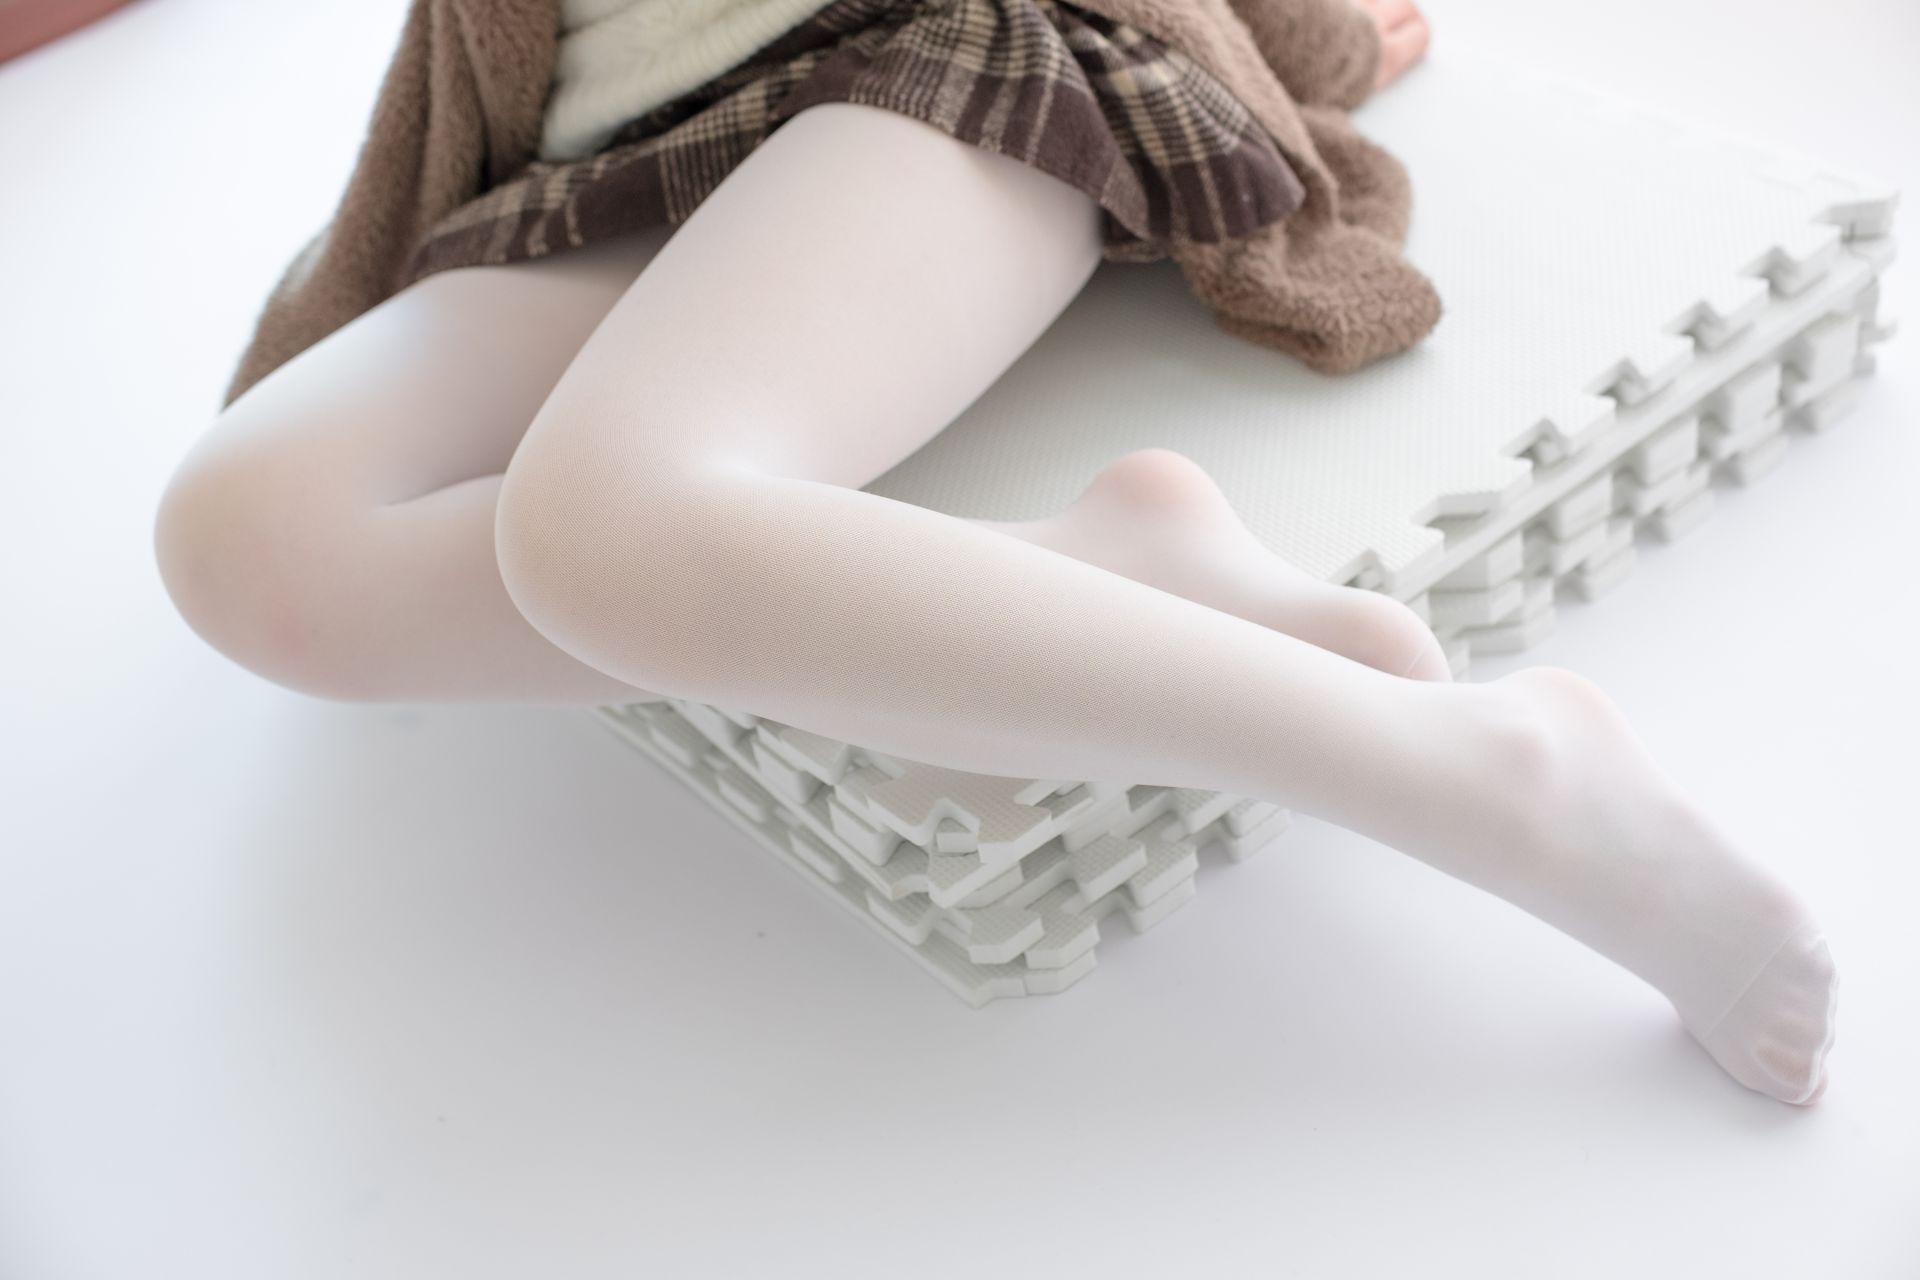 【森萝财团】森萝财团写真 – X-006 白丝·纯白诱惑 [99P-1V-1.66GB] X系列 第5张